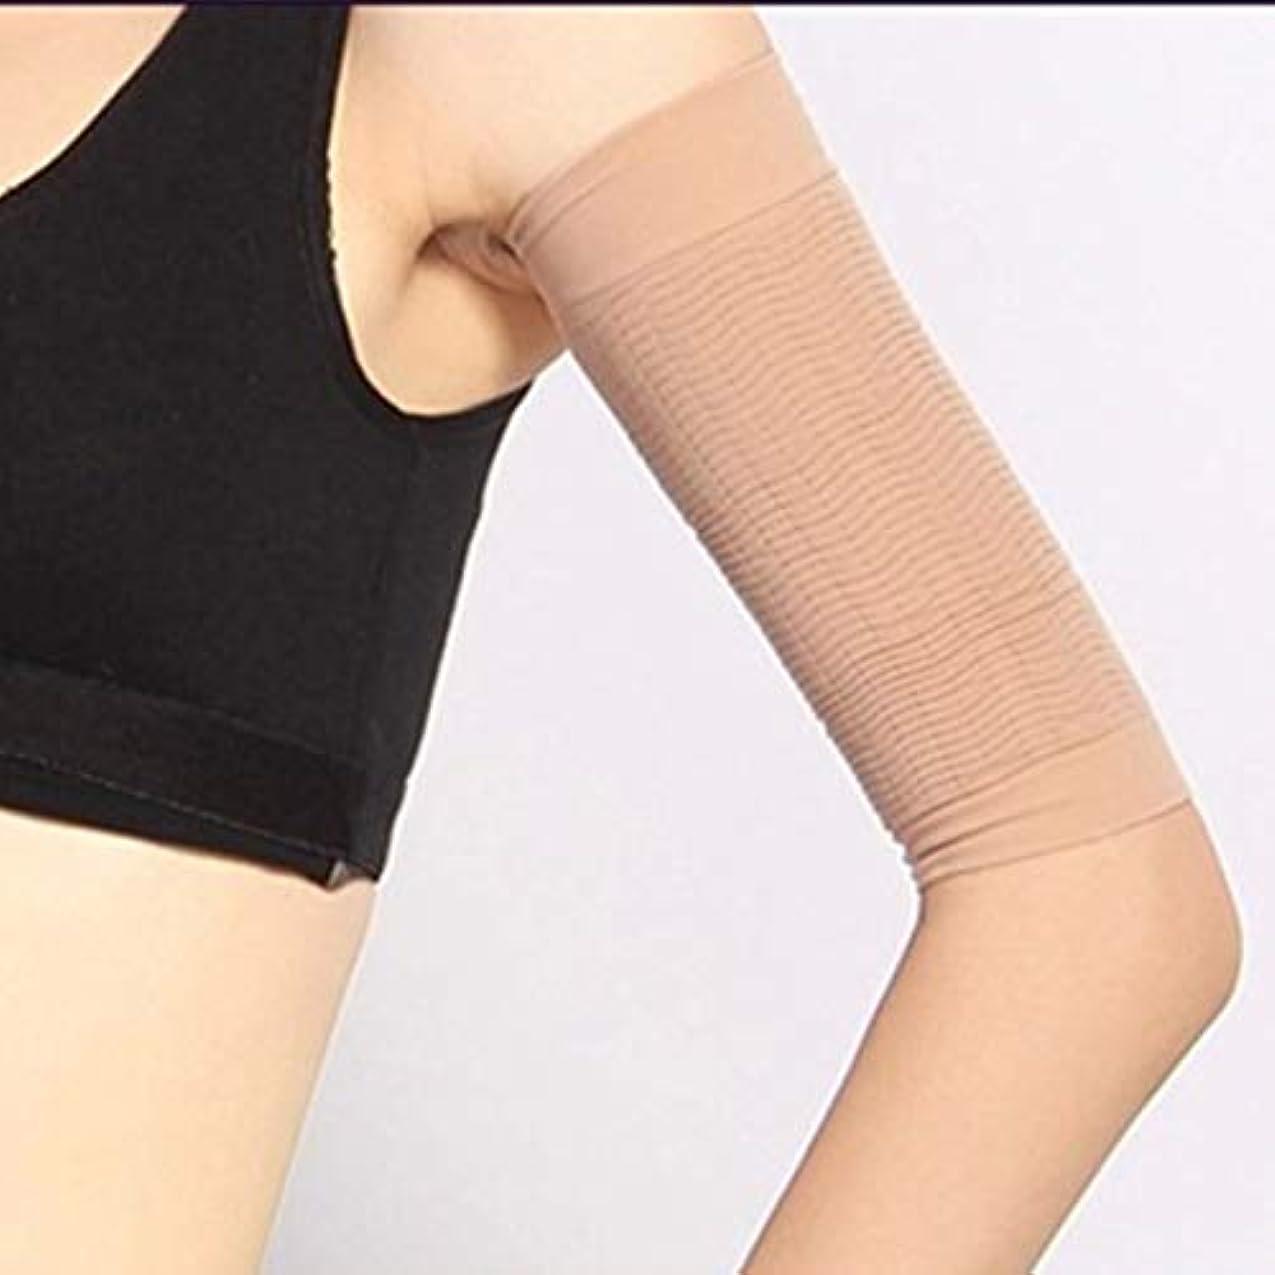 発表中央シャベル1ペア420 D圧縮痩身アームスリーブワークアウトトーニングバーンセルライトシェイパー脂肪燃焼袖用女性 - 肌色